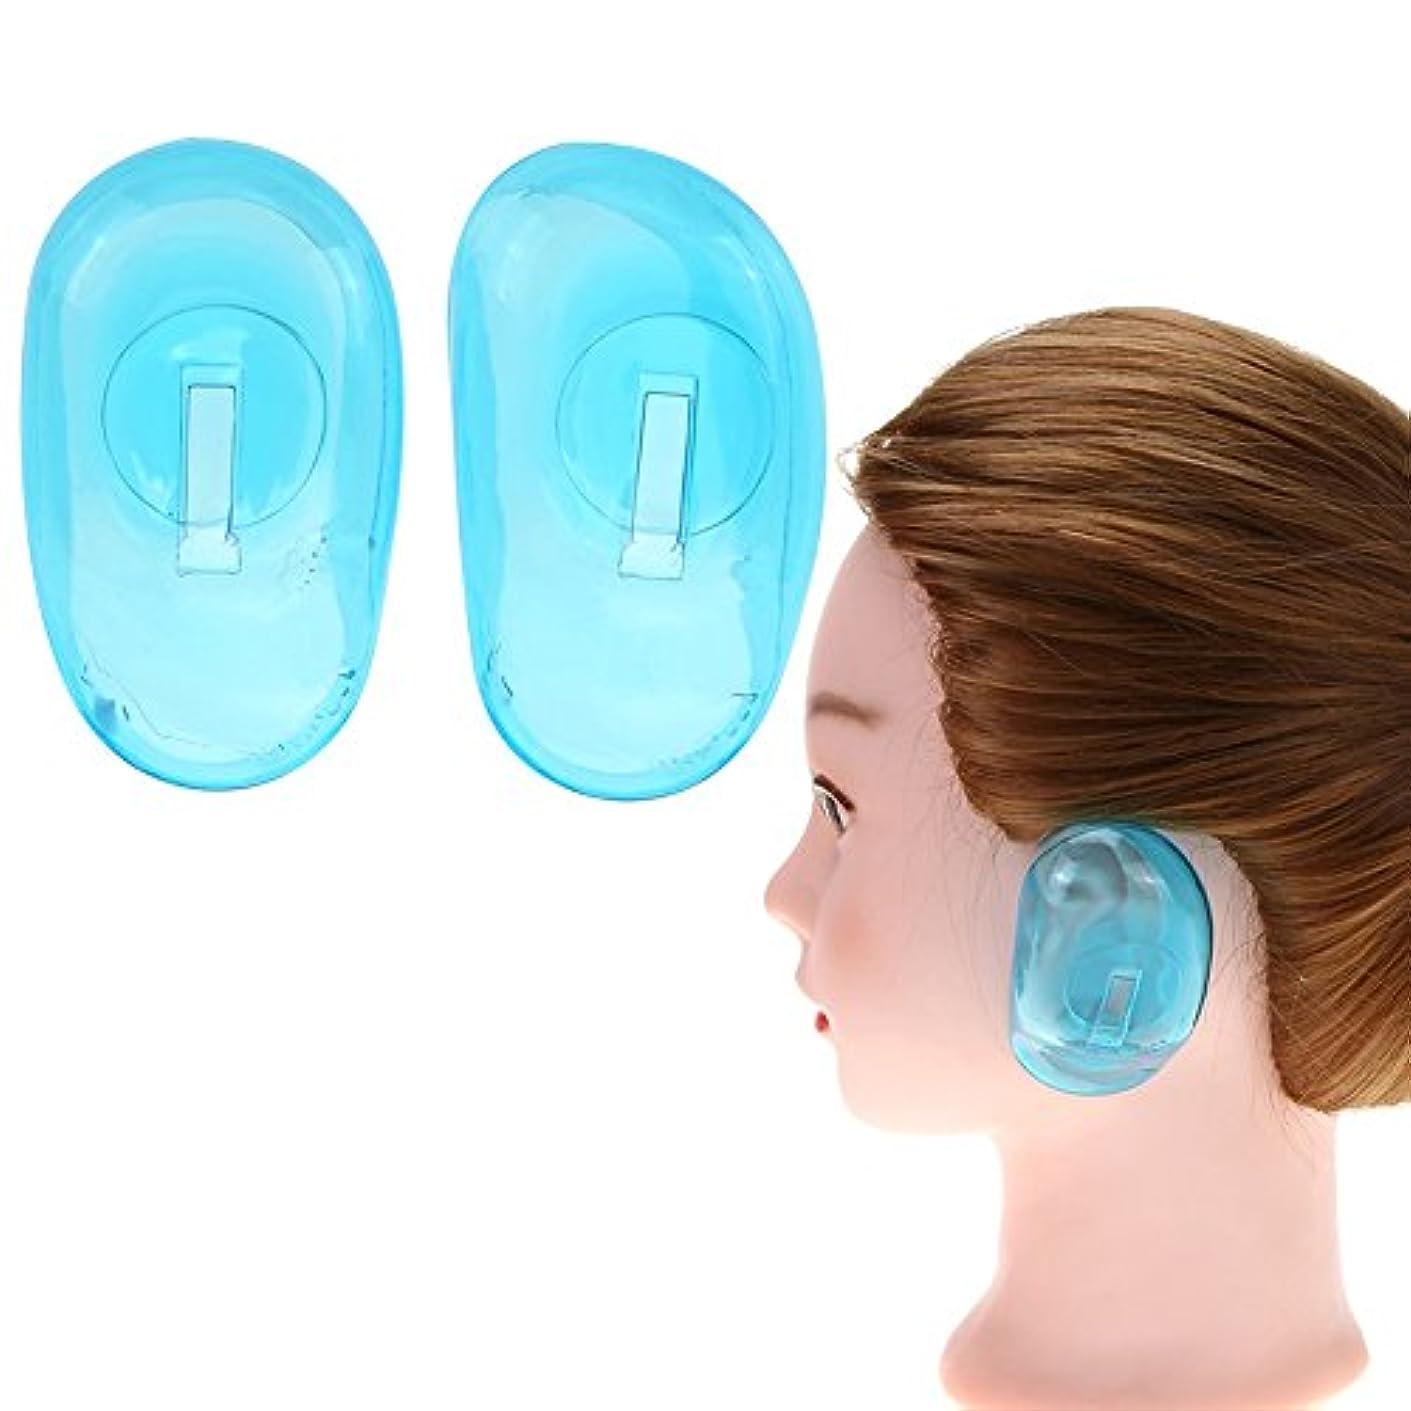 カウンタ殺人者知人Ruier-tong 5ペア耳カバー 毛染め用 シリコン製 耳キャップ 柔らかいイヤーキャップ ヘアカラー シャワー 耳保護 ヘアケアツール サロン 洗える 繰り返す使用可能 エコ 8.5x5cm